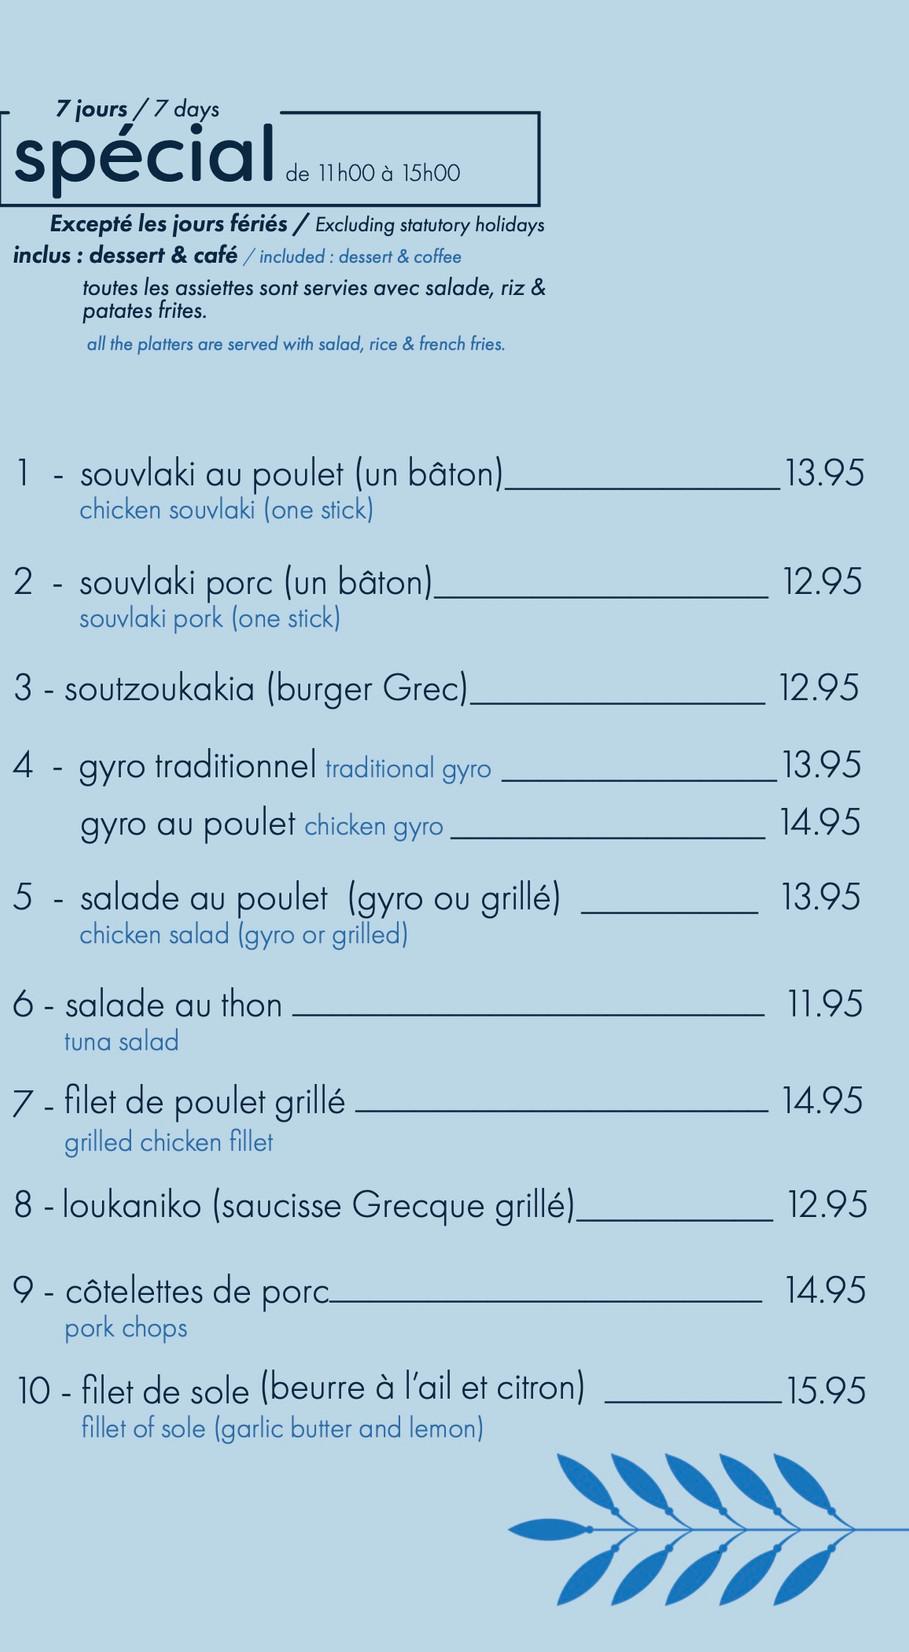 Souvlaki menu 2.jpg